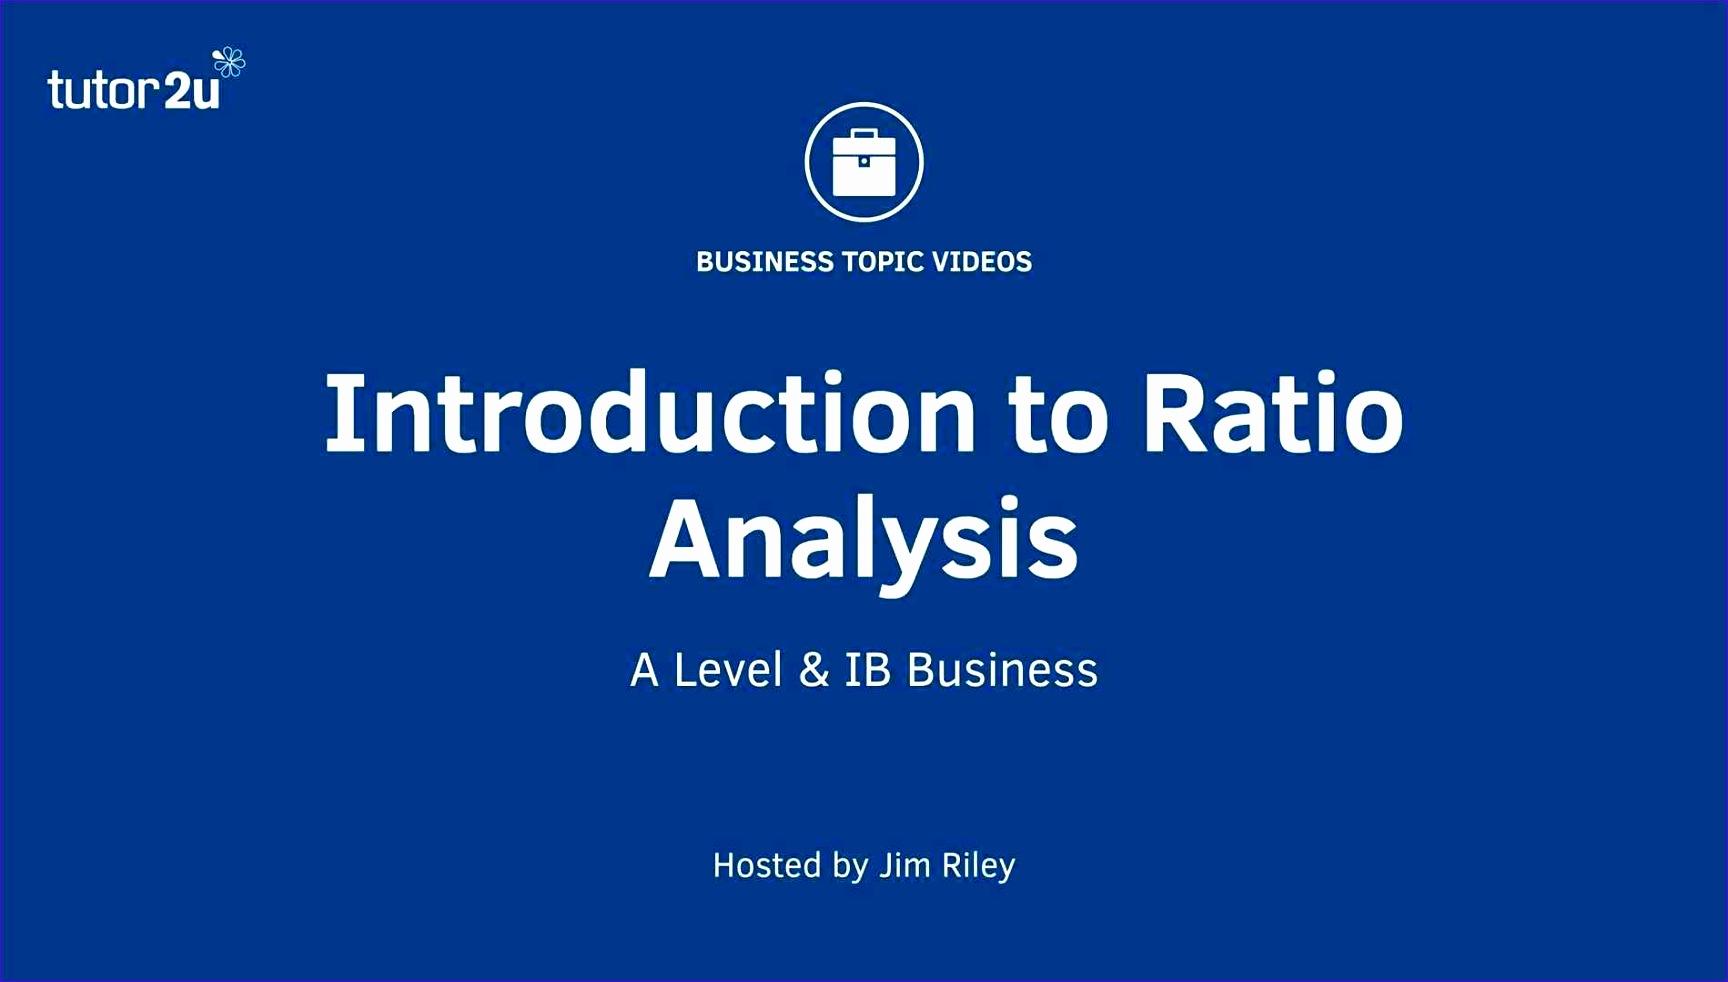 u analyze zoho books data with financial Financial Ratio Analysis Report Template analytics made easy u analyze zoho books data with ratio